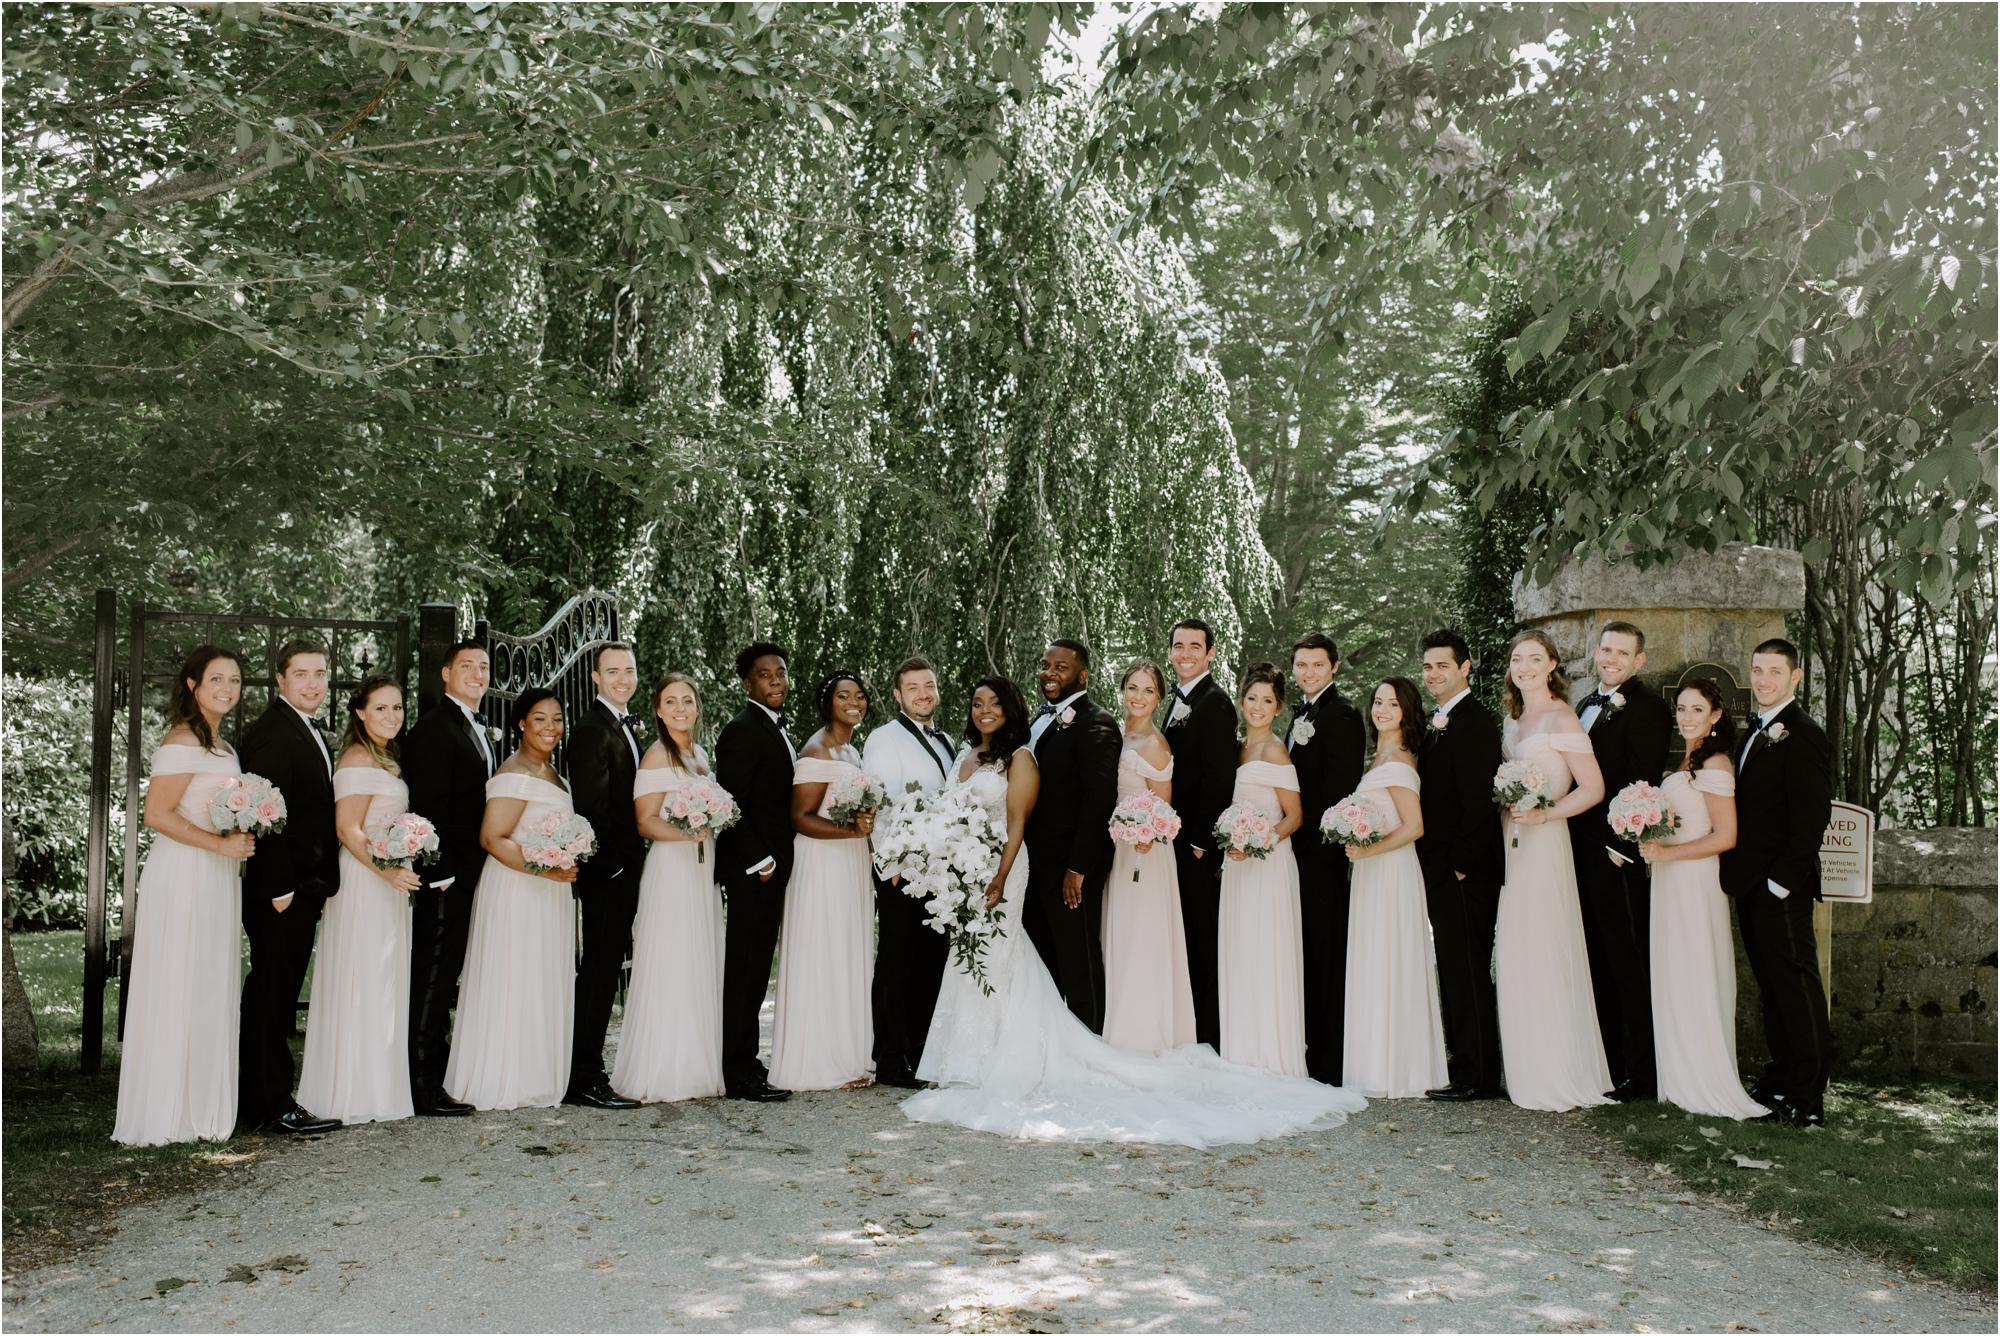 JANELLEANDJULIAN-wedding-madelinerosephotographyco_0013.jpg